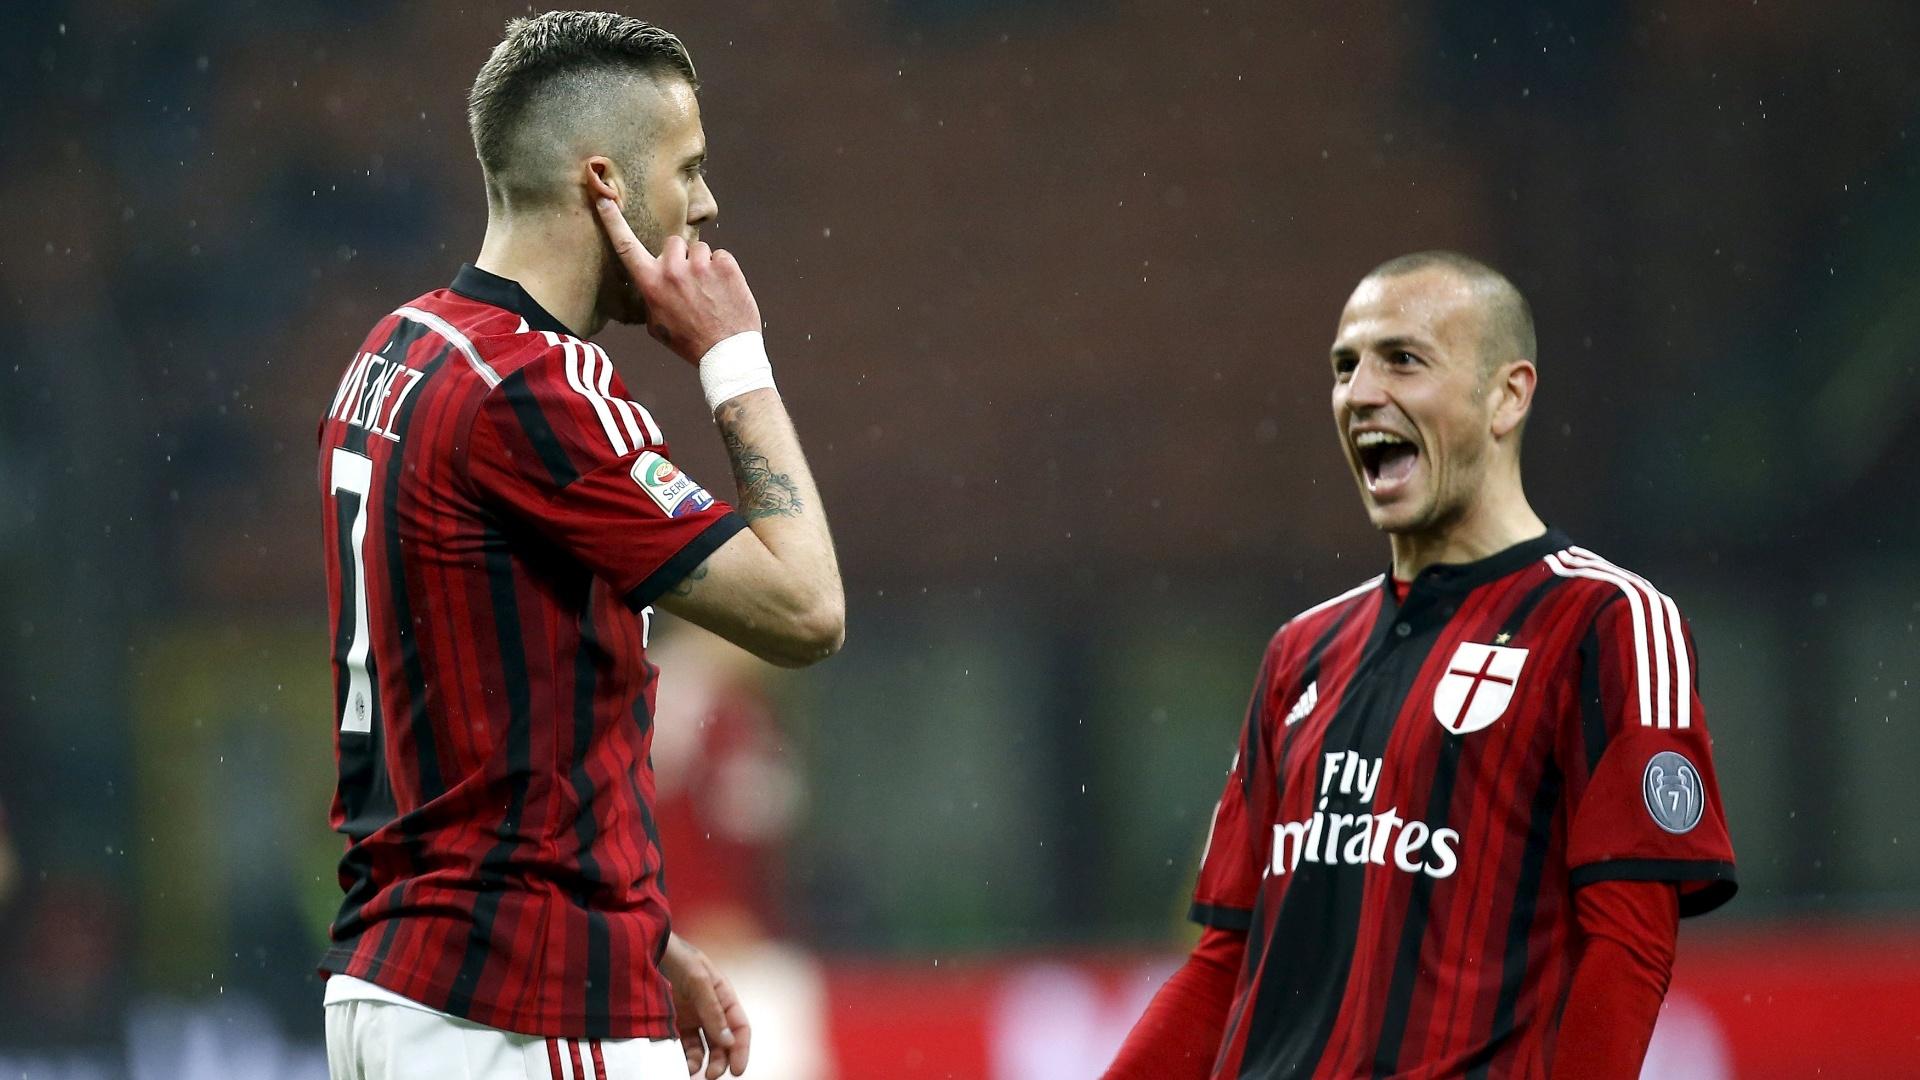 Menéz foi o destaque do Milan, marcando dois gols na vitória sobre o Cagliari